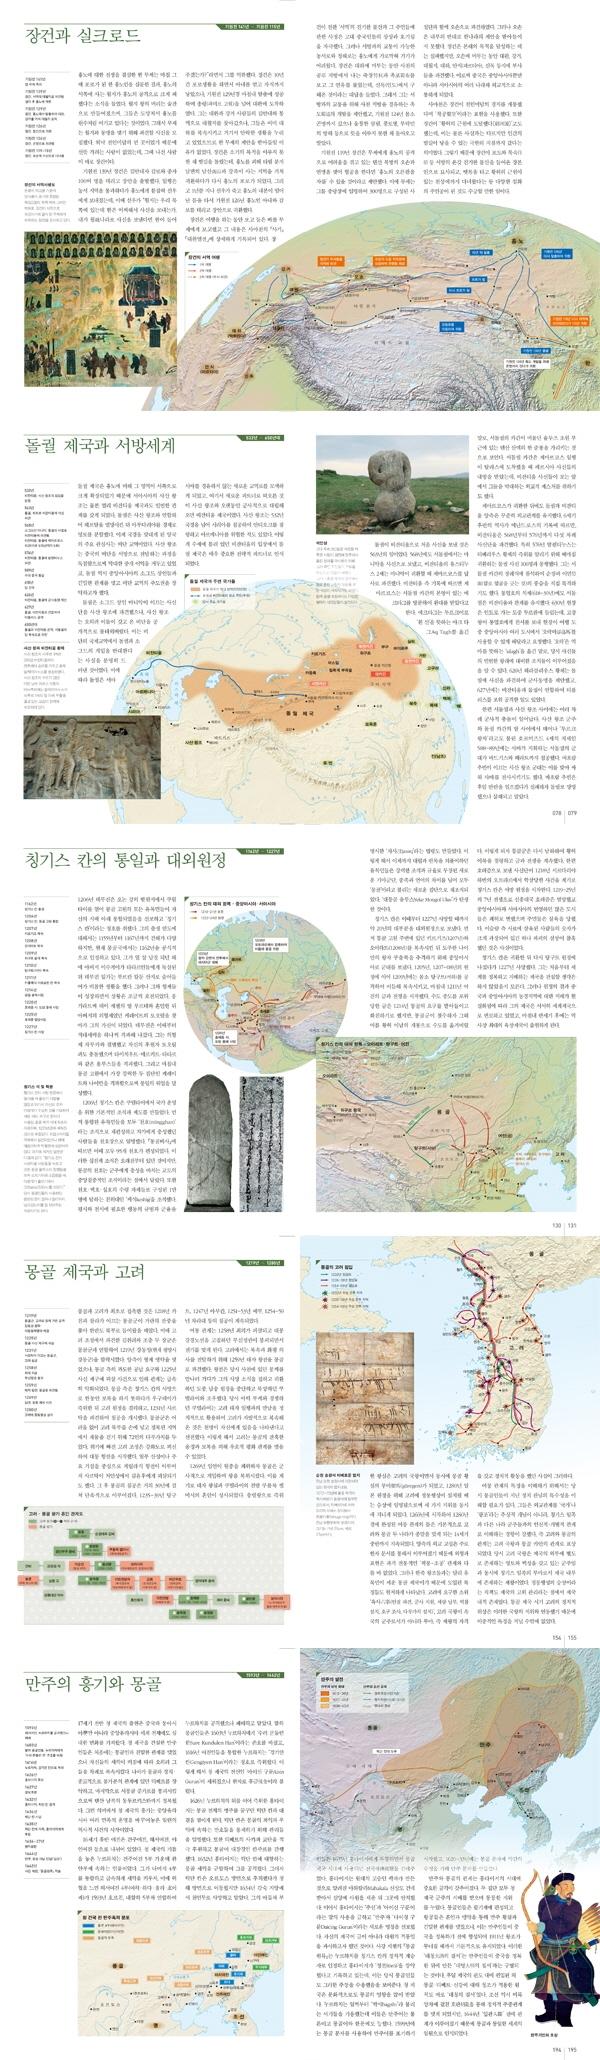 아틀라스 중앙유라시아사(Historical Atlas Series 5)(양장본 HardCover) 도서 상세이미지